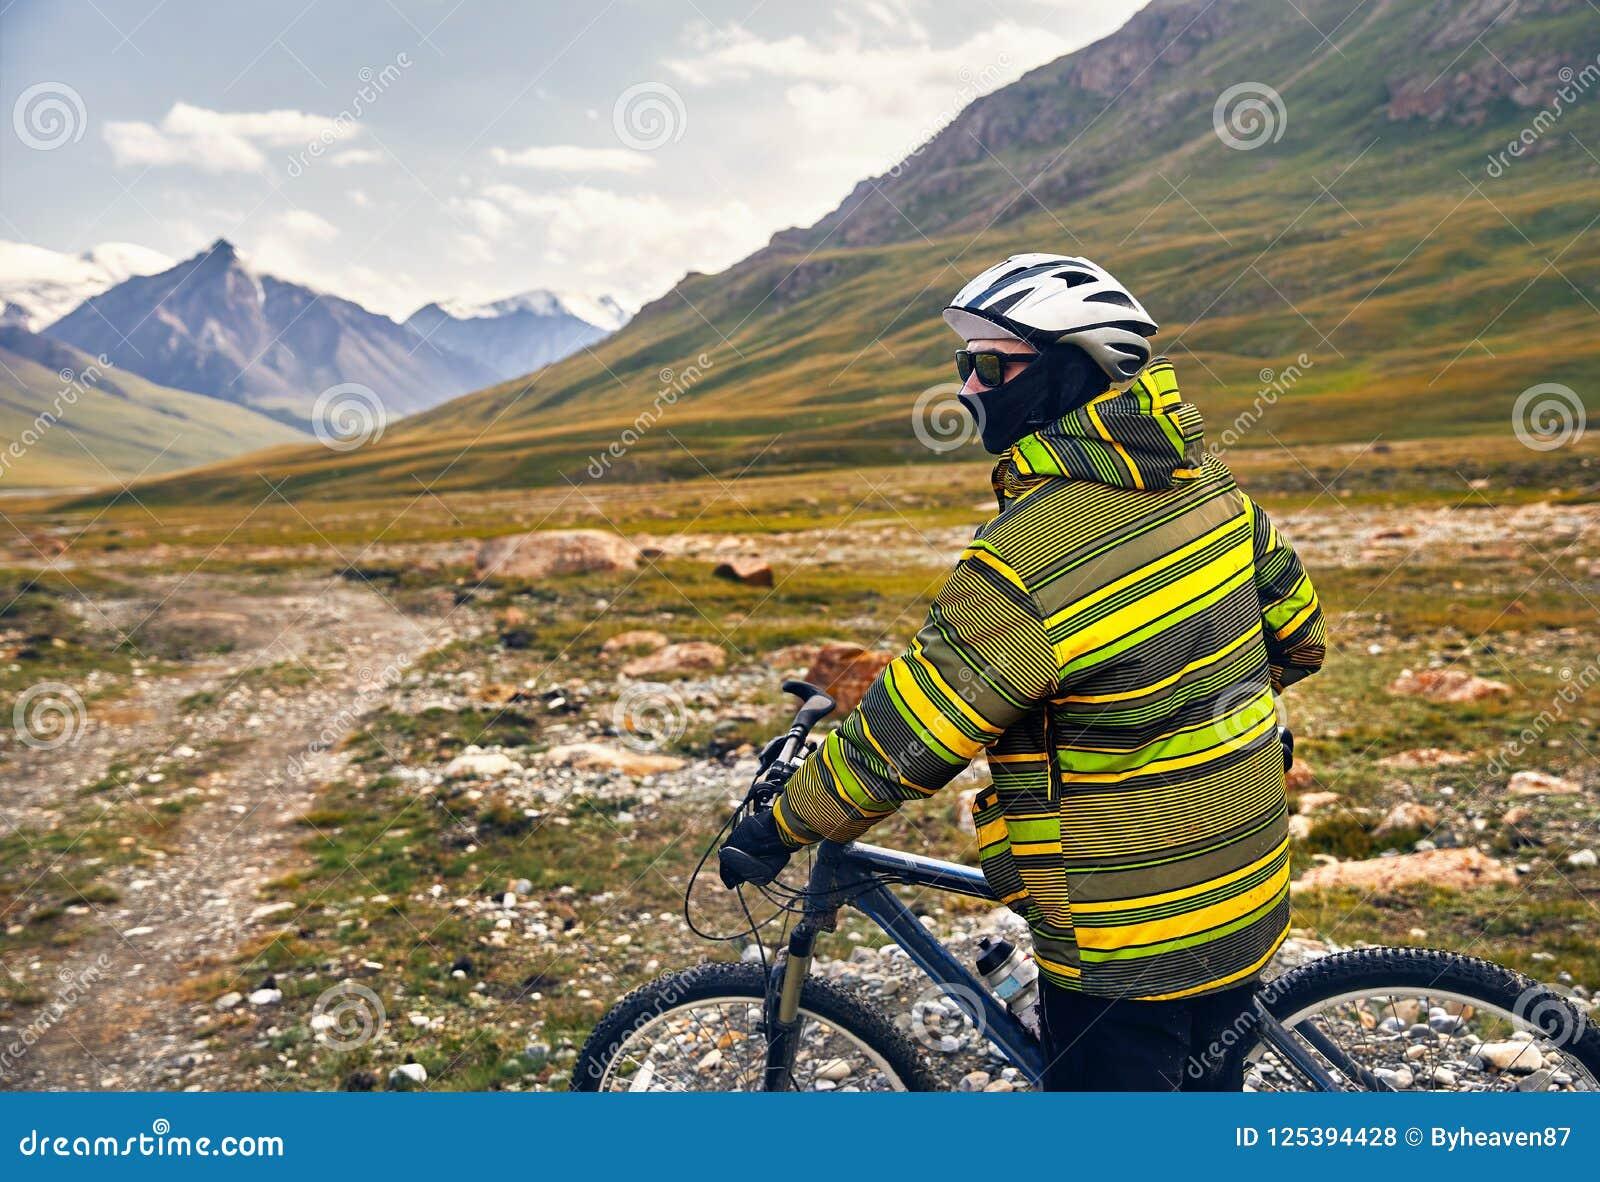 Download Всадник горного велосипеда стоковое фото. изображение насчитывающей покато - 125394428